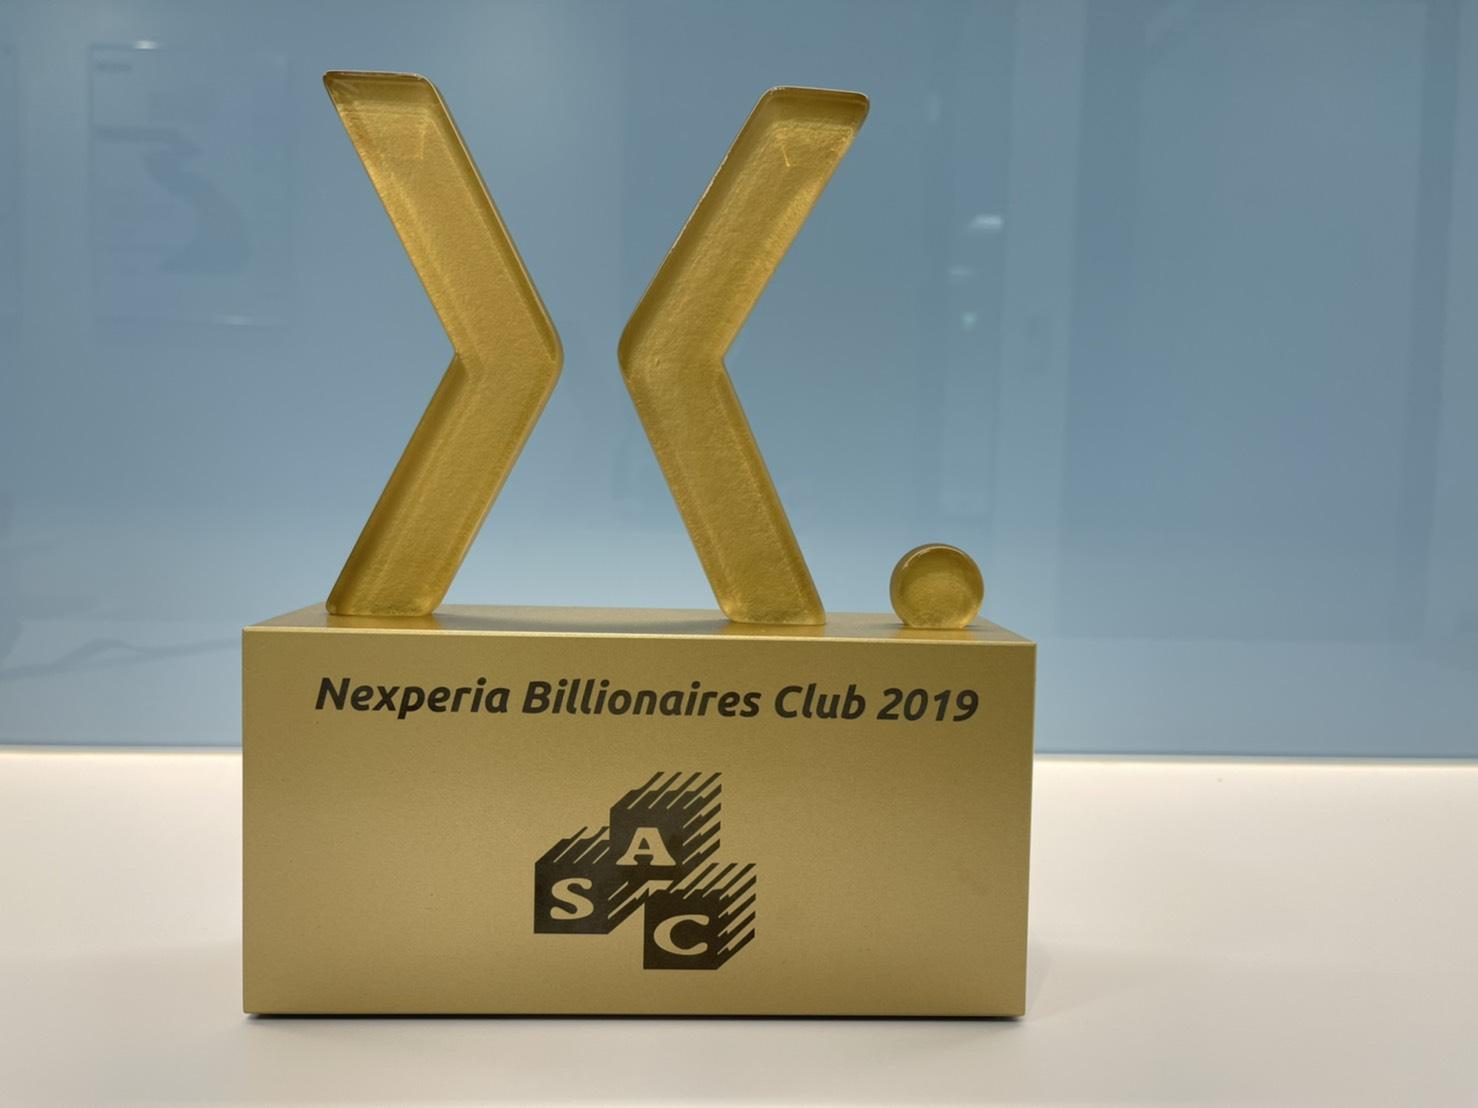 Nexperia Billionaires Club 2019